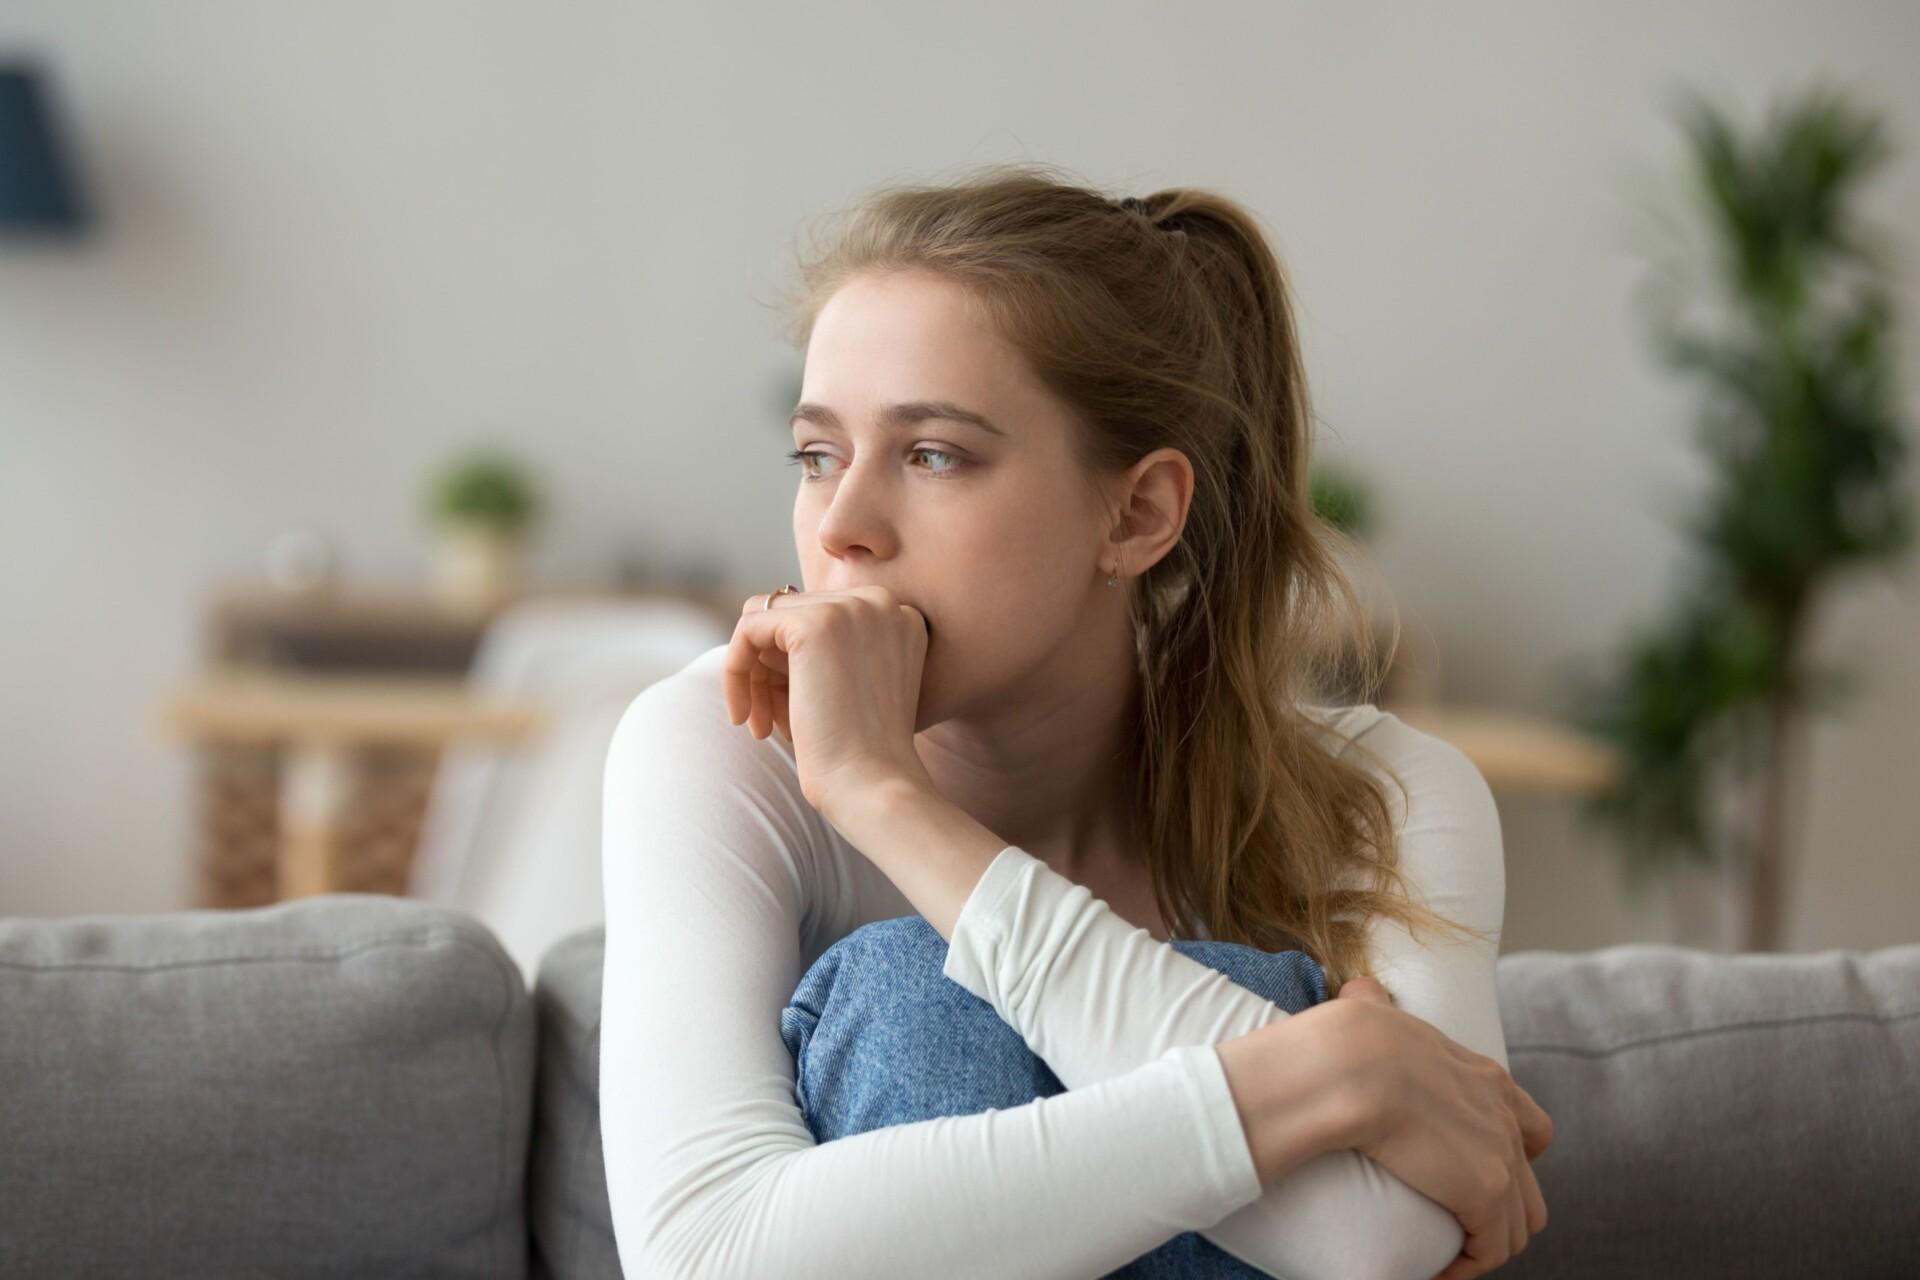 女性が咳している写真